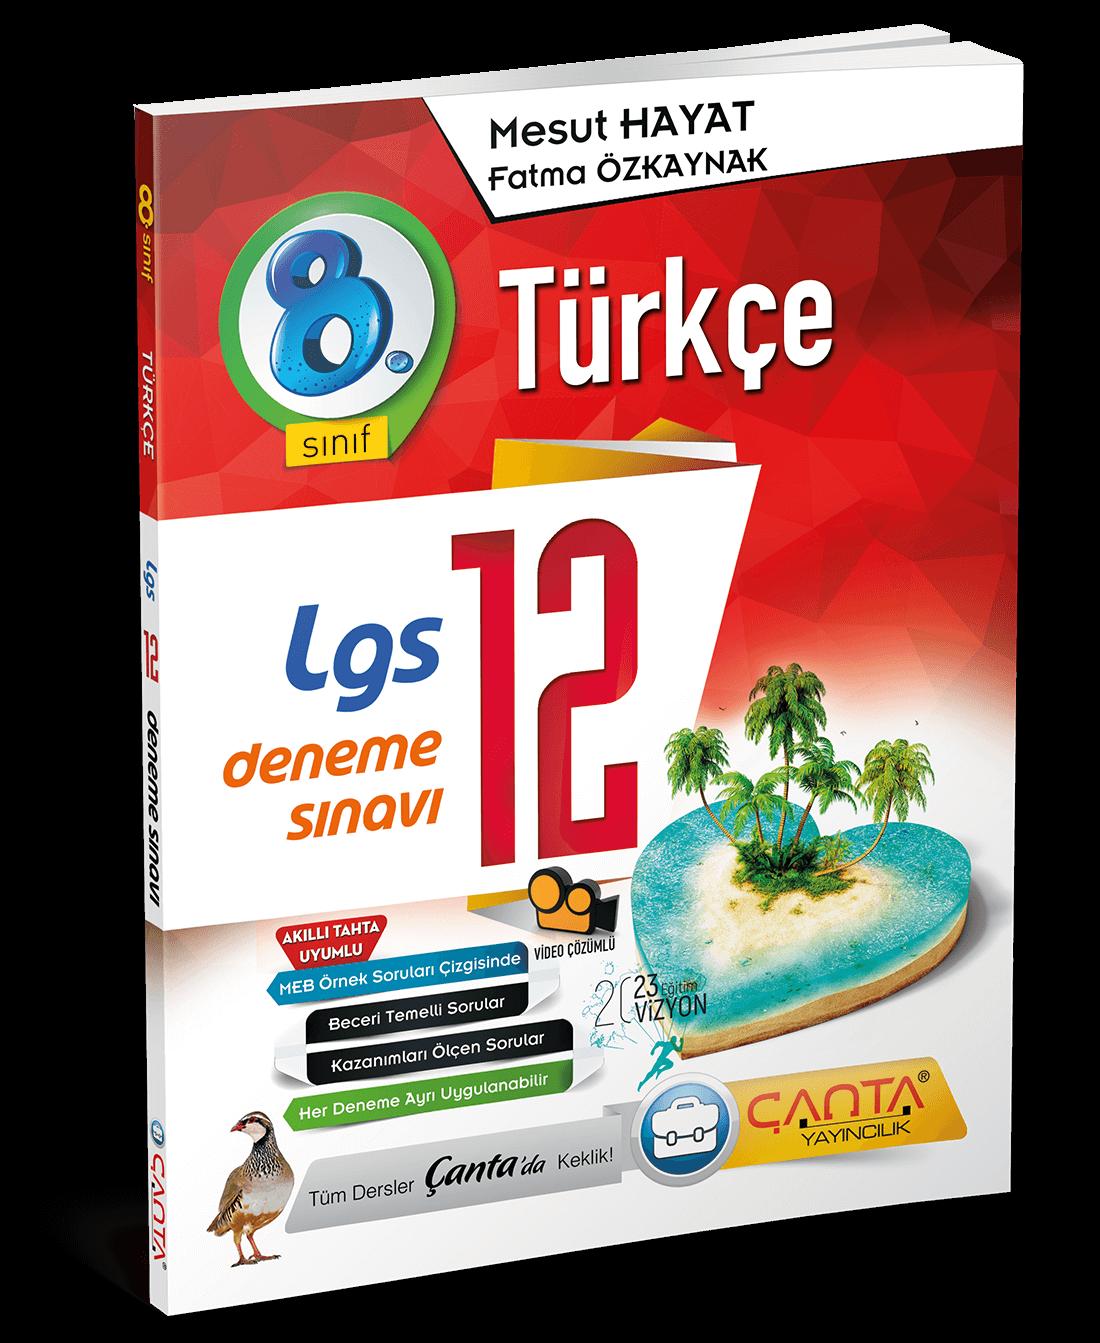 8. Sınıf – Türkçe – LGS 12 Deneme Sınavı